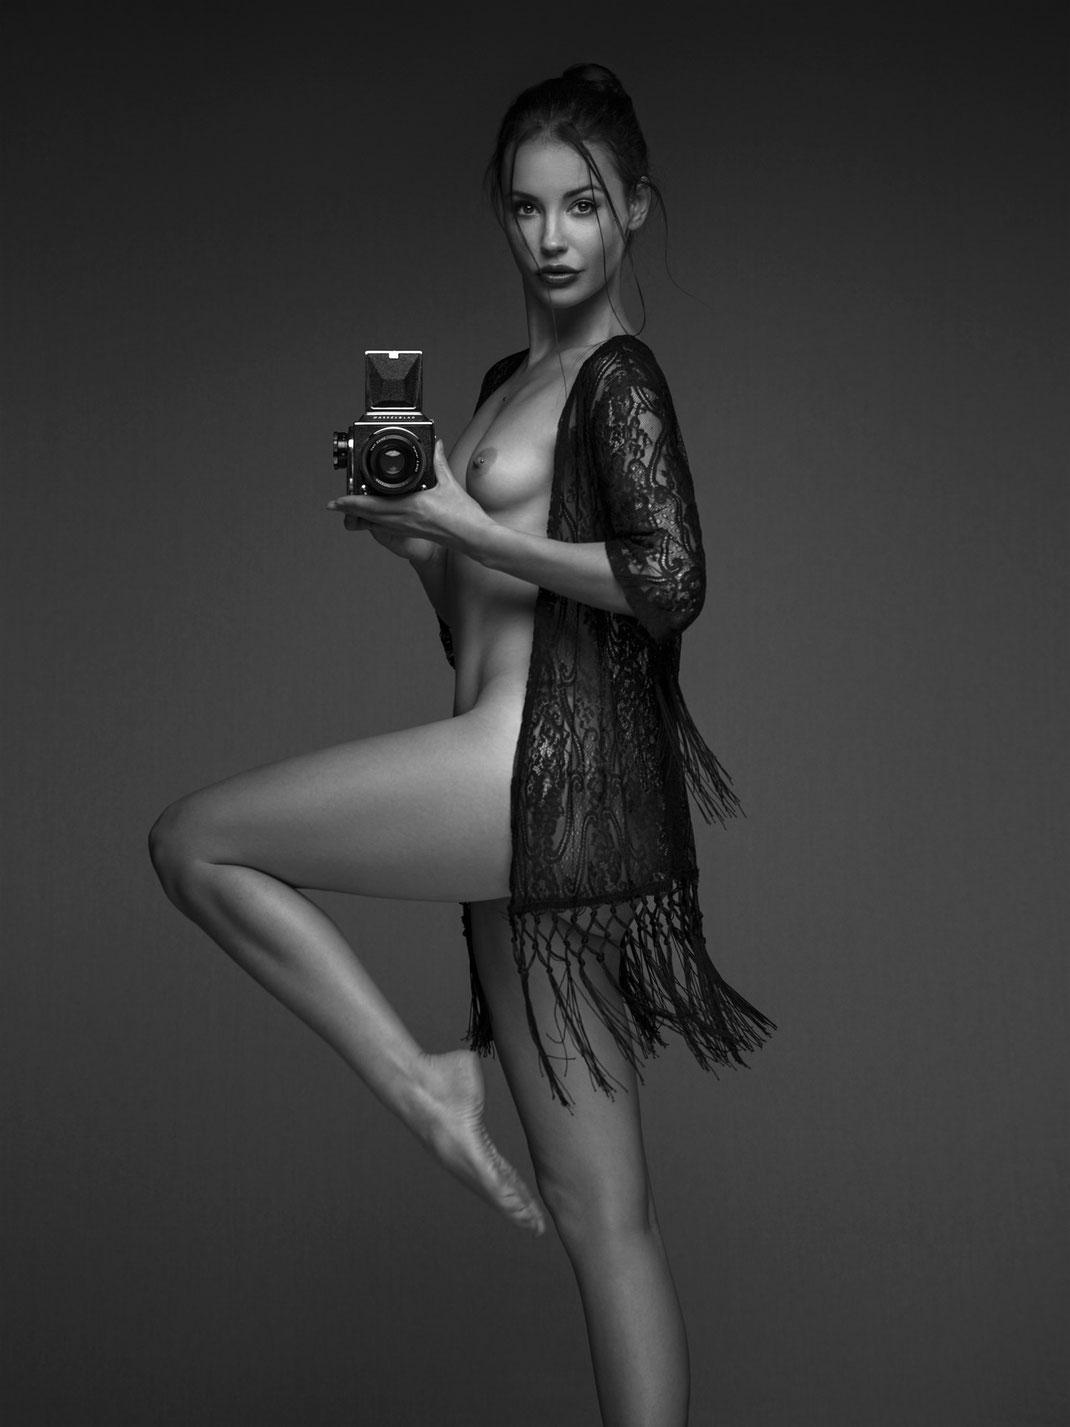 Two Beauties - Eliska & Hasselblad 500c - Markus Hertzsch